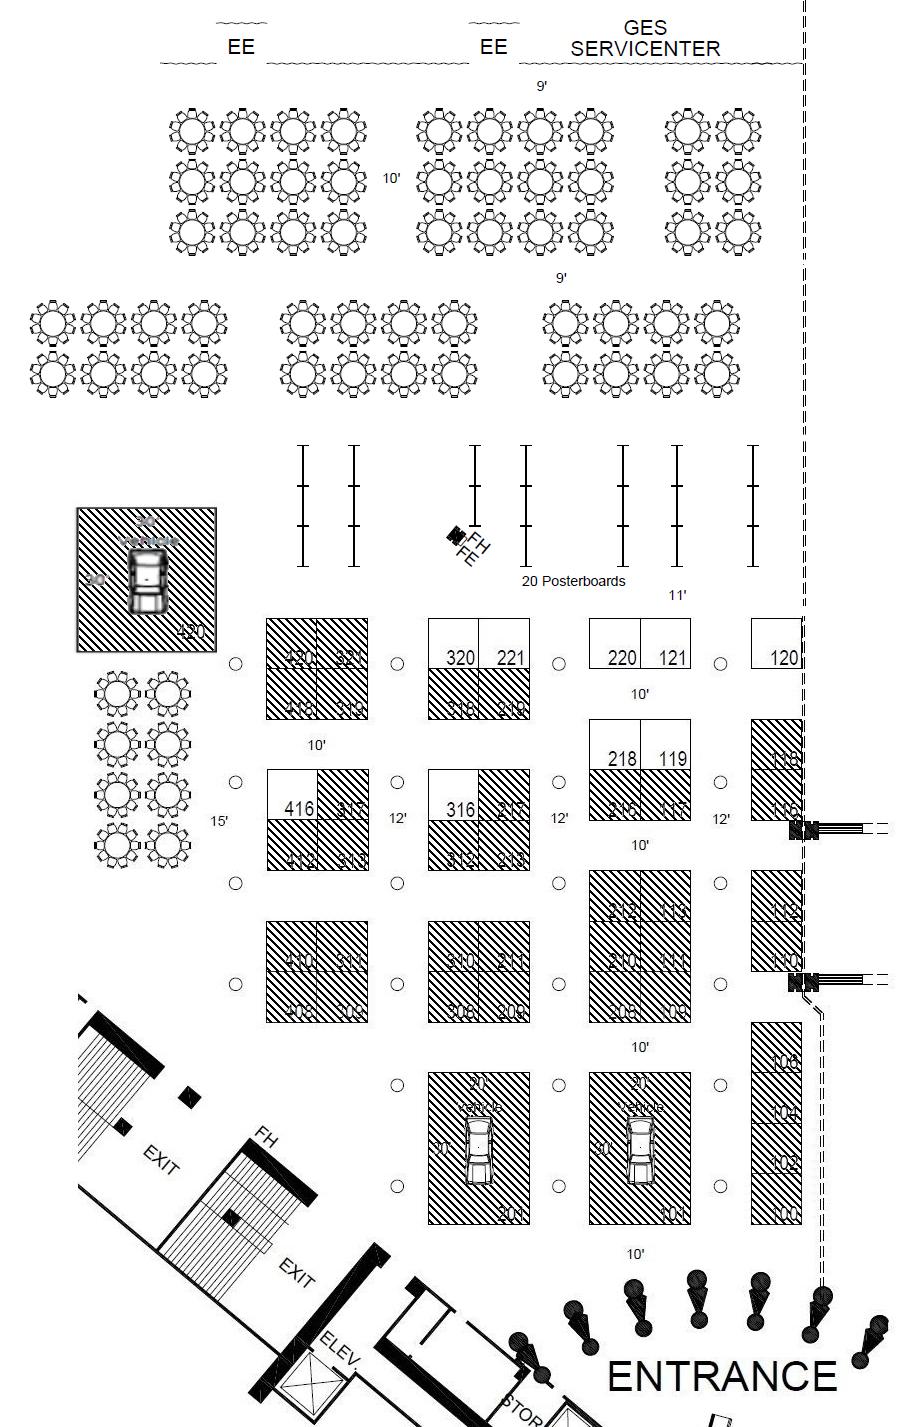 FCS Floor Plan Version 3.png